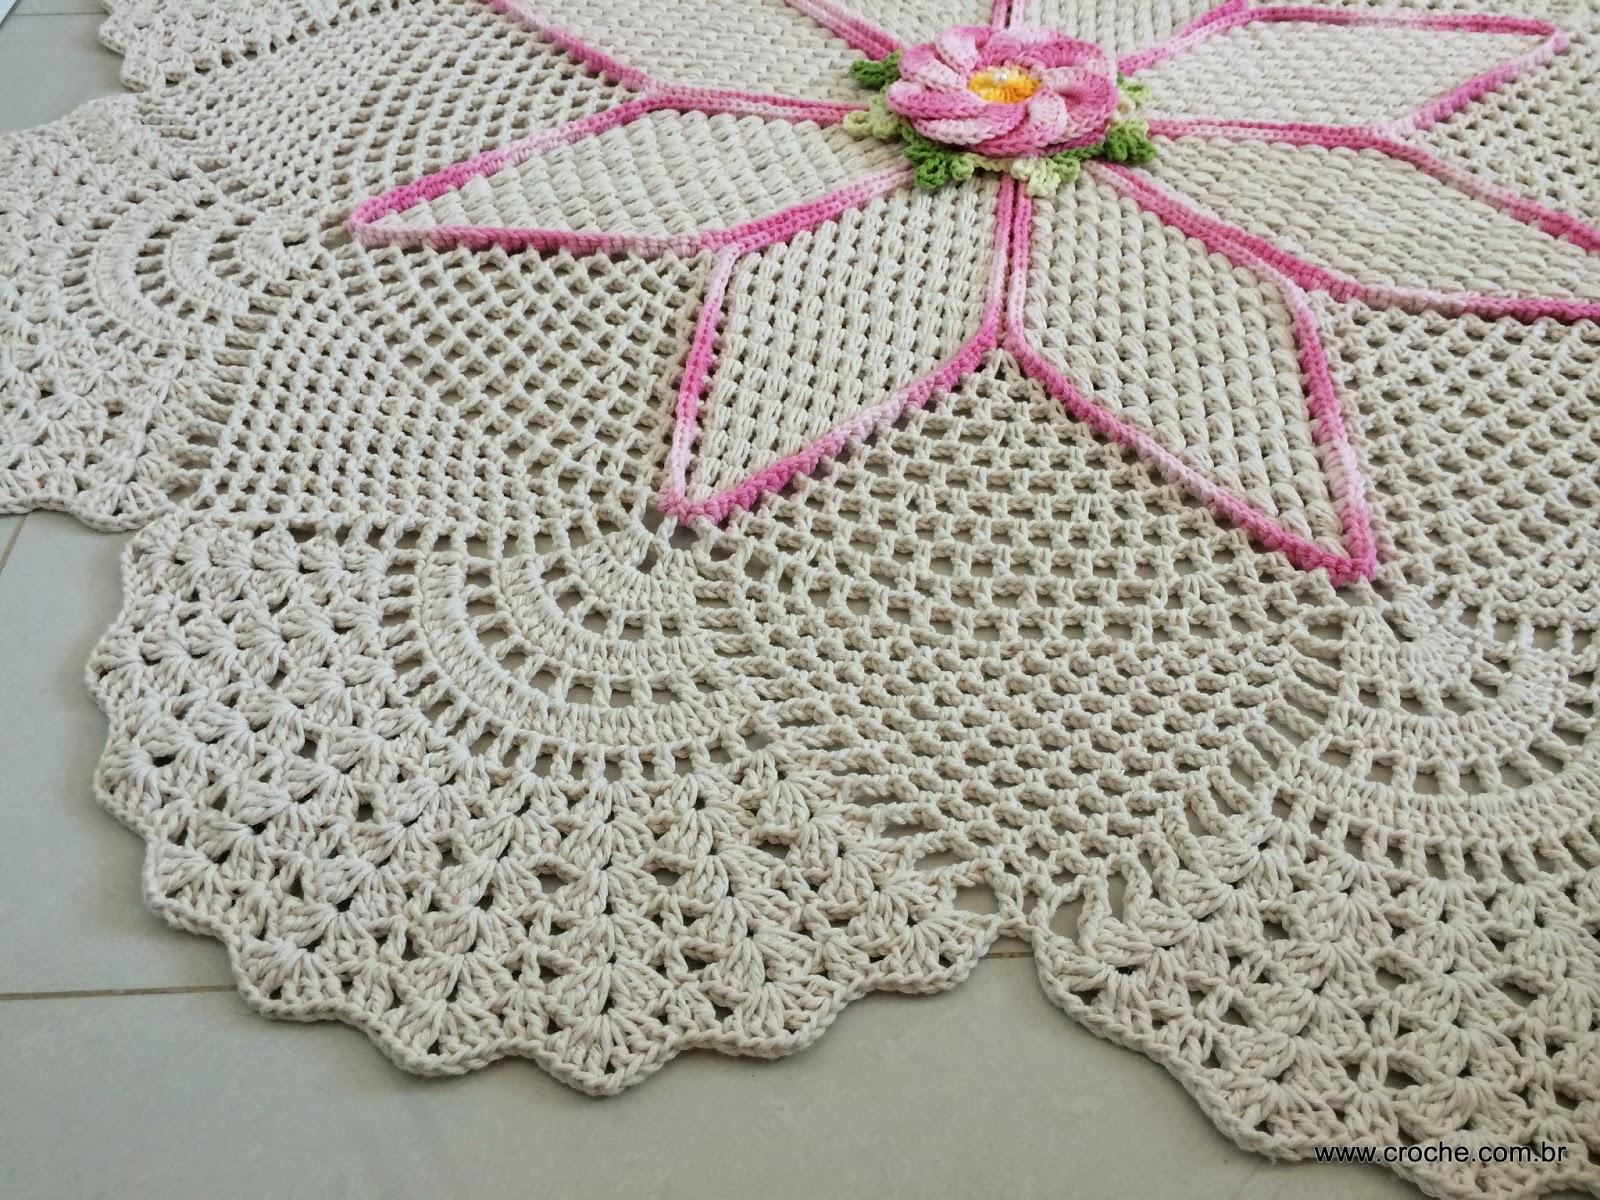 Tapete Redondo Flor Bergamota Croche Com Br -> Tapete Croche Grande